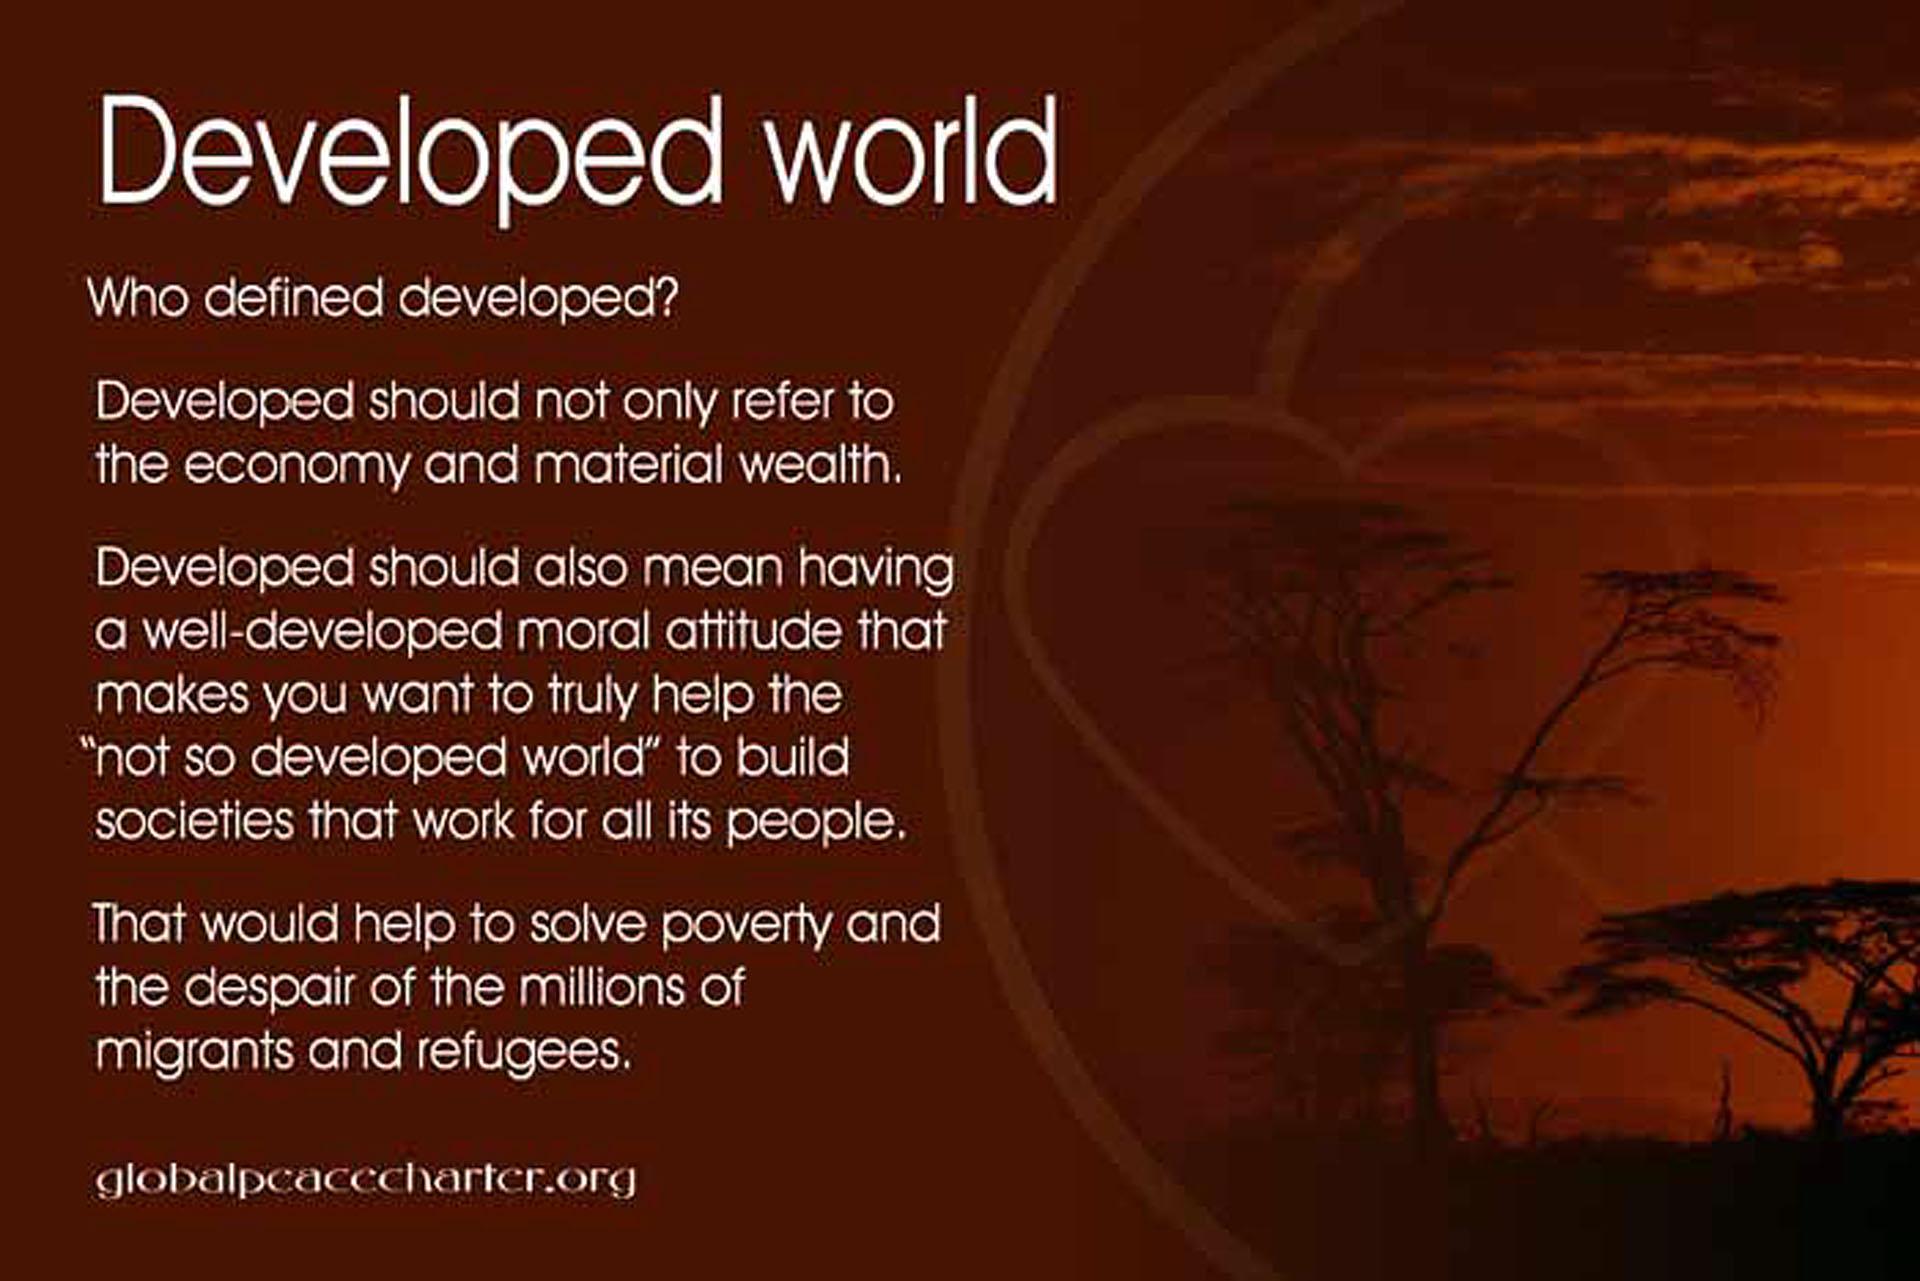 Developed world